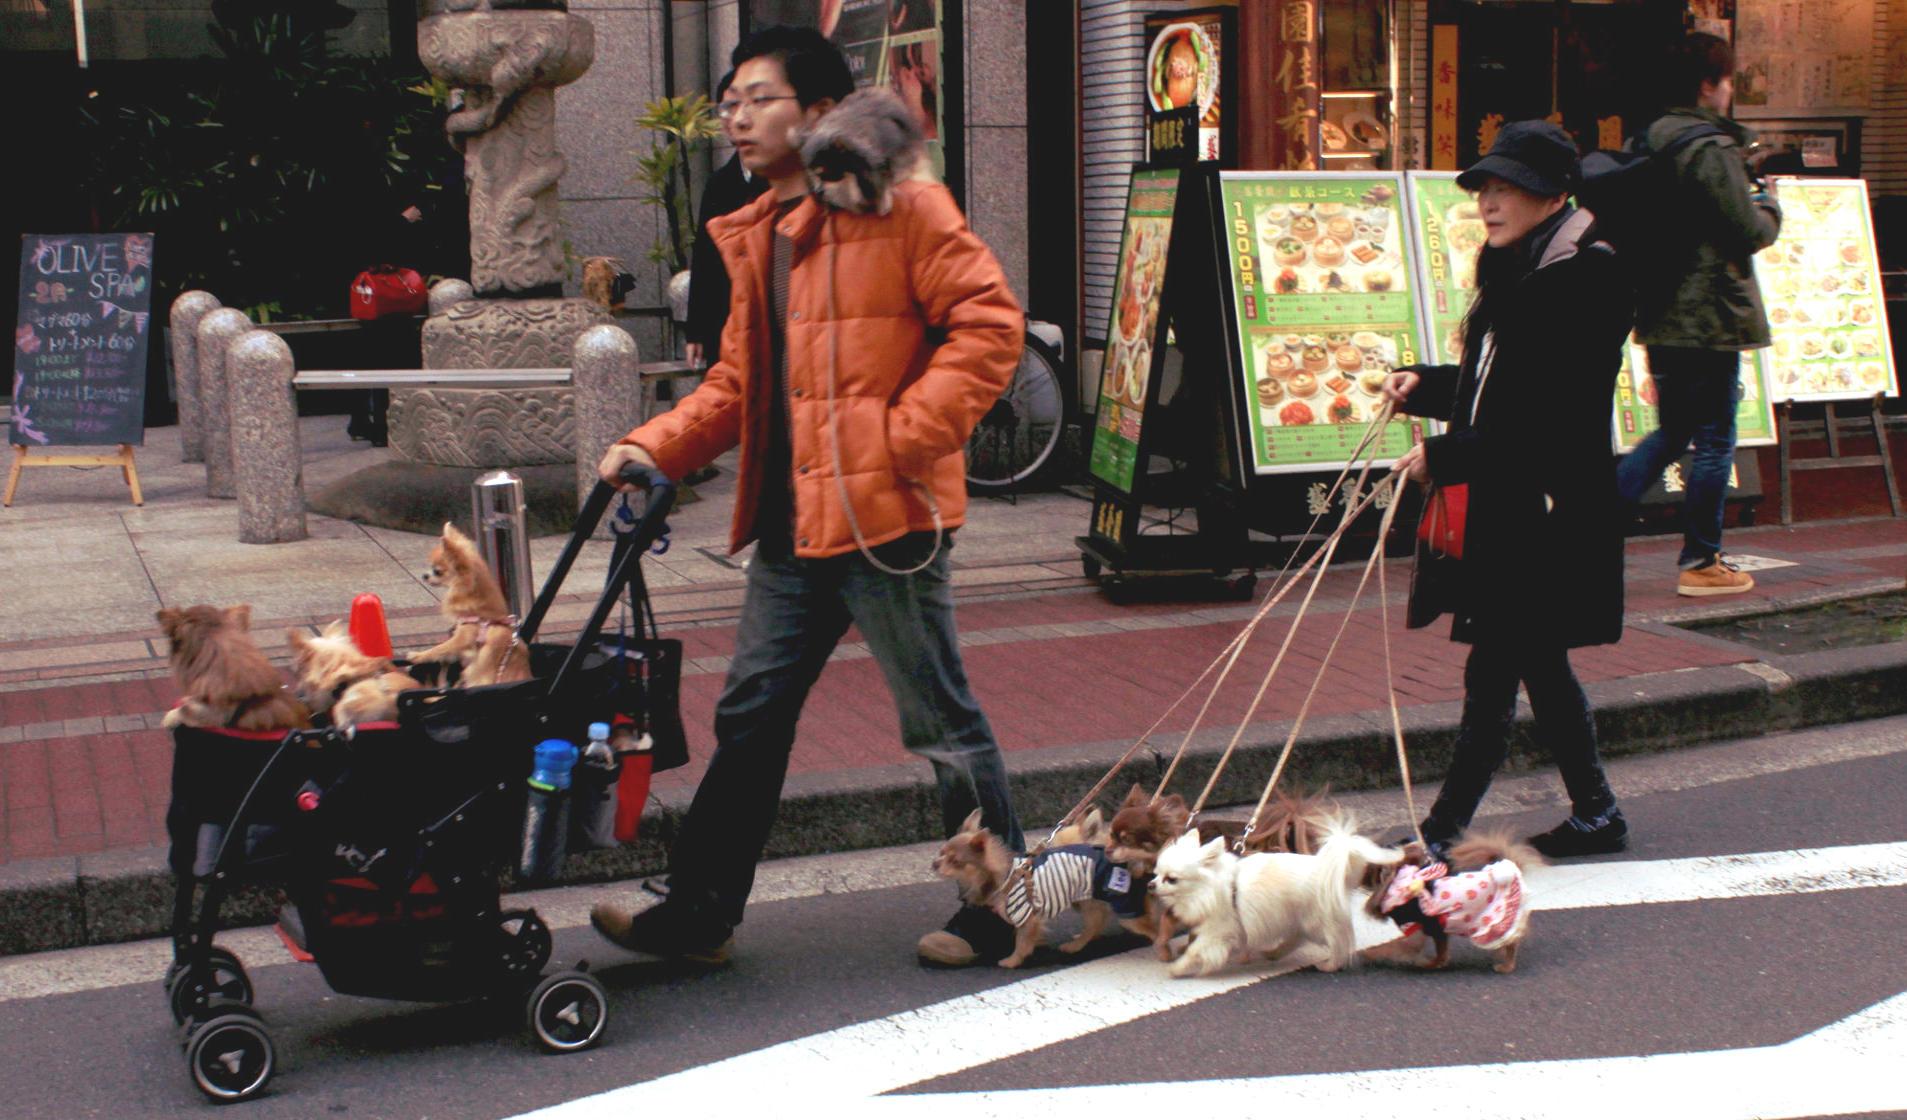 tokio japonia tokyo japan ulica psy psywwozku japonskiepsy iglawpodrozy